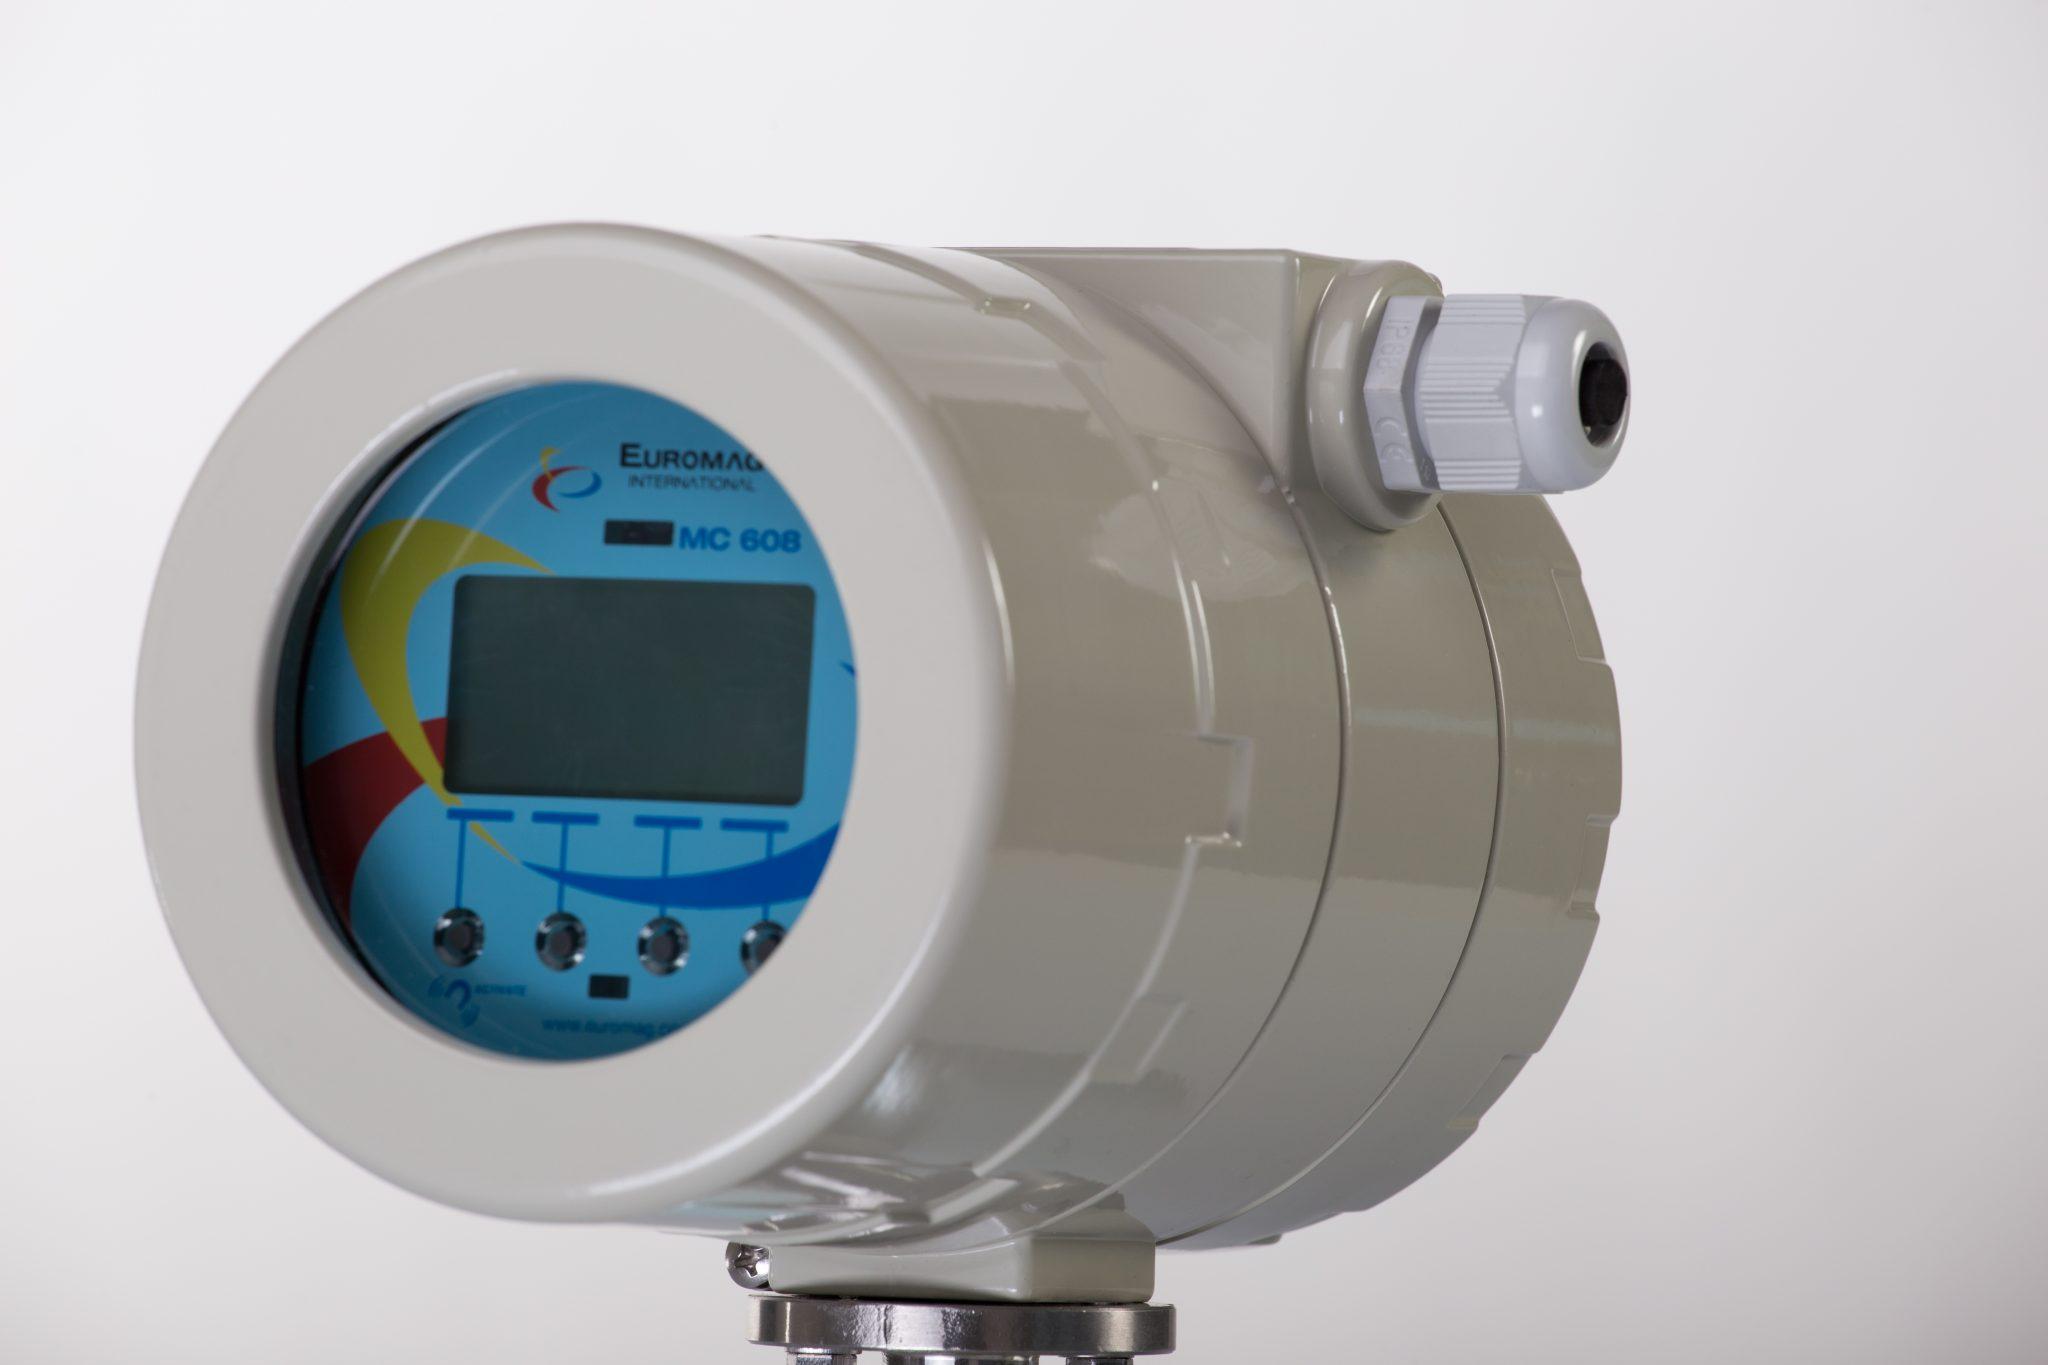 MC 608 Converter